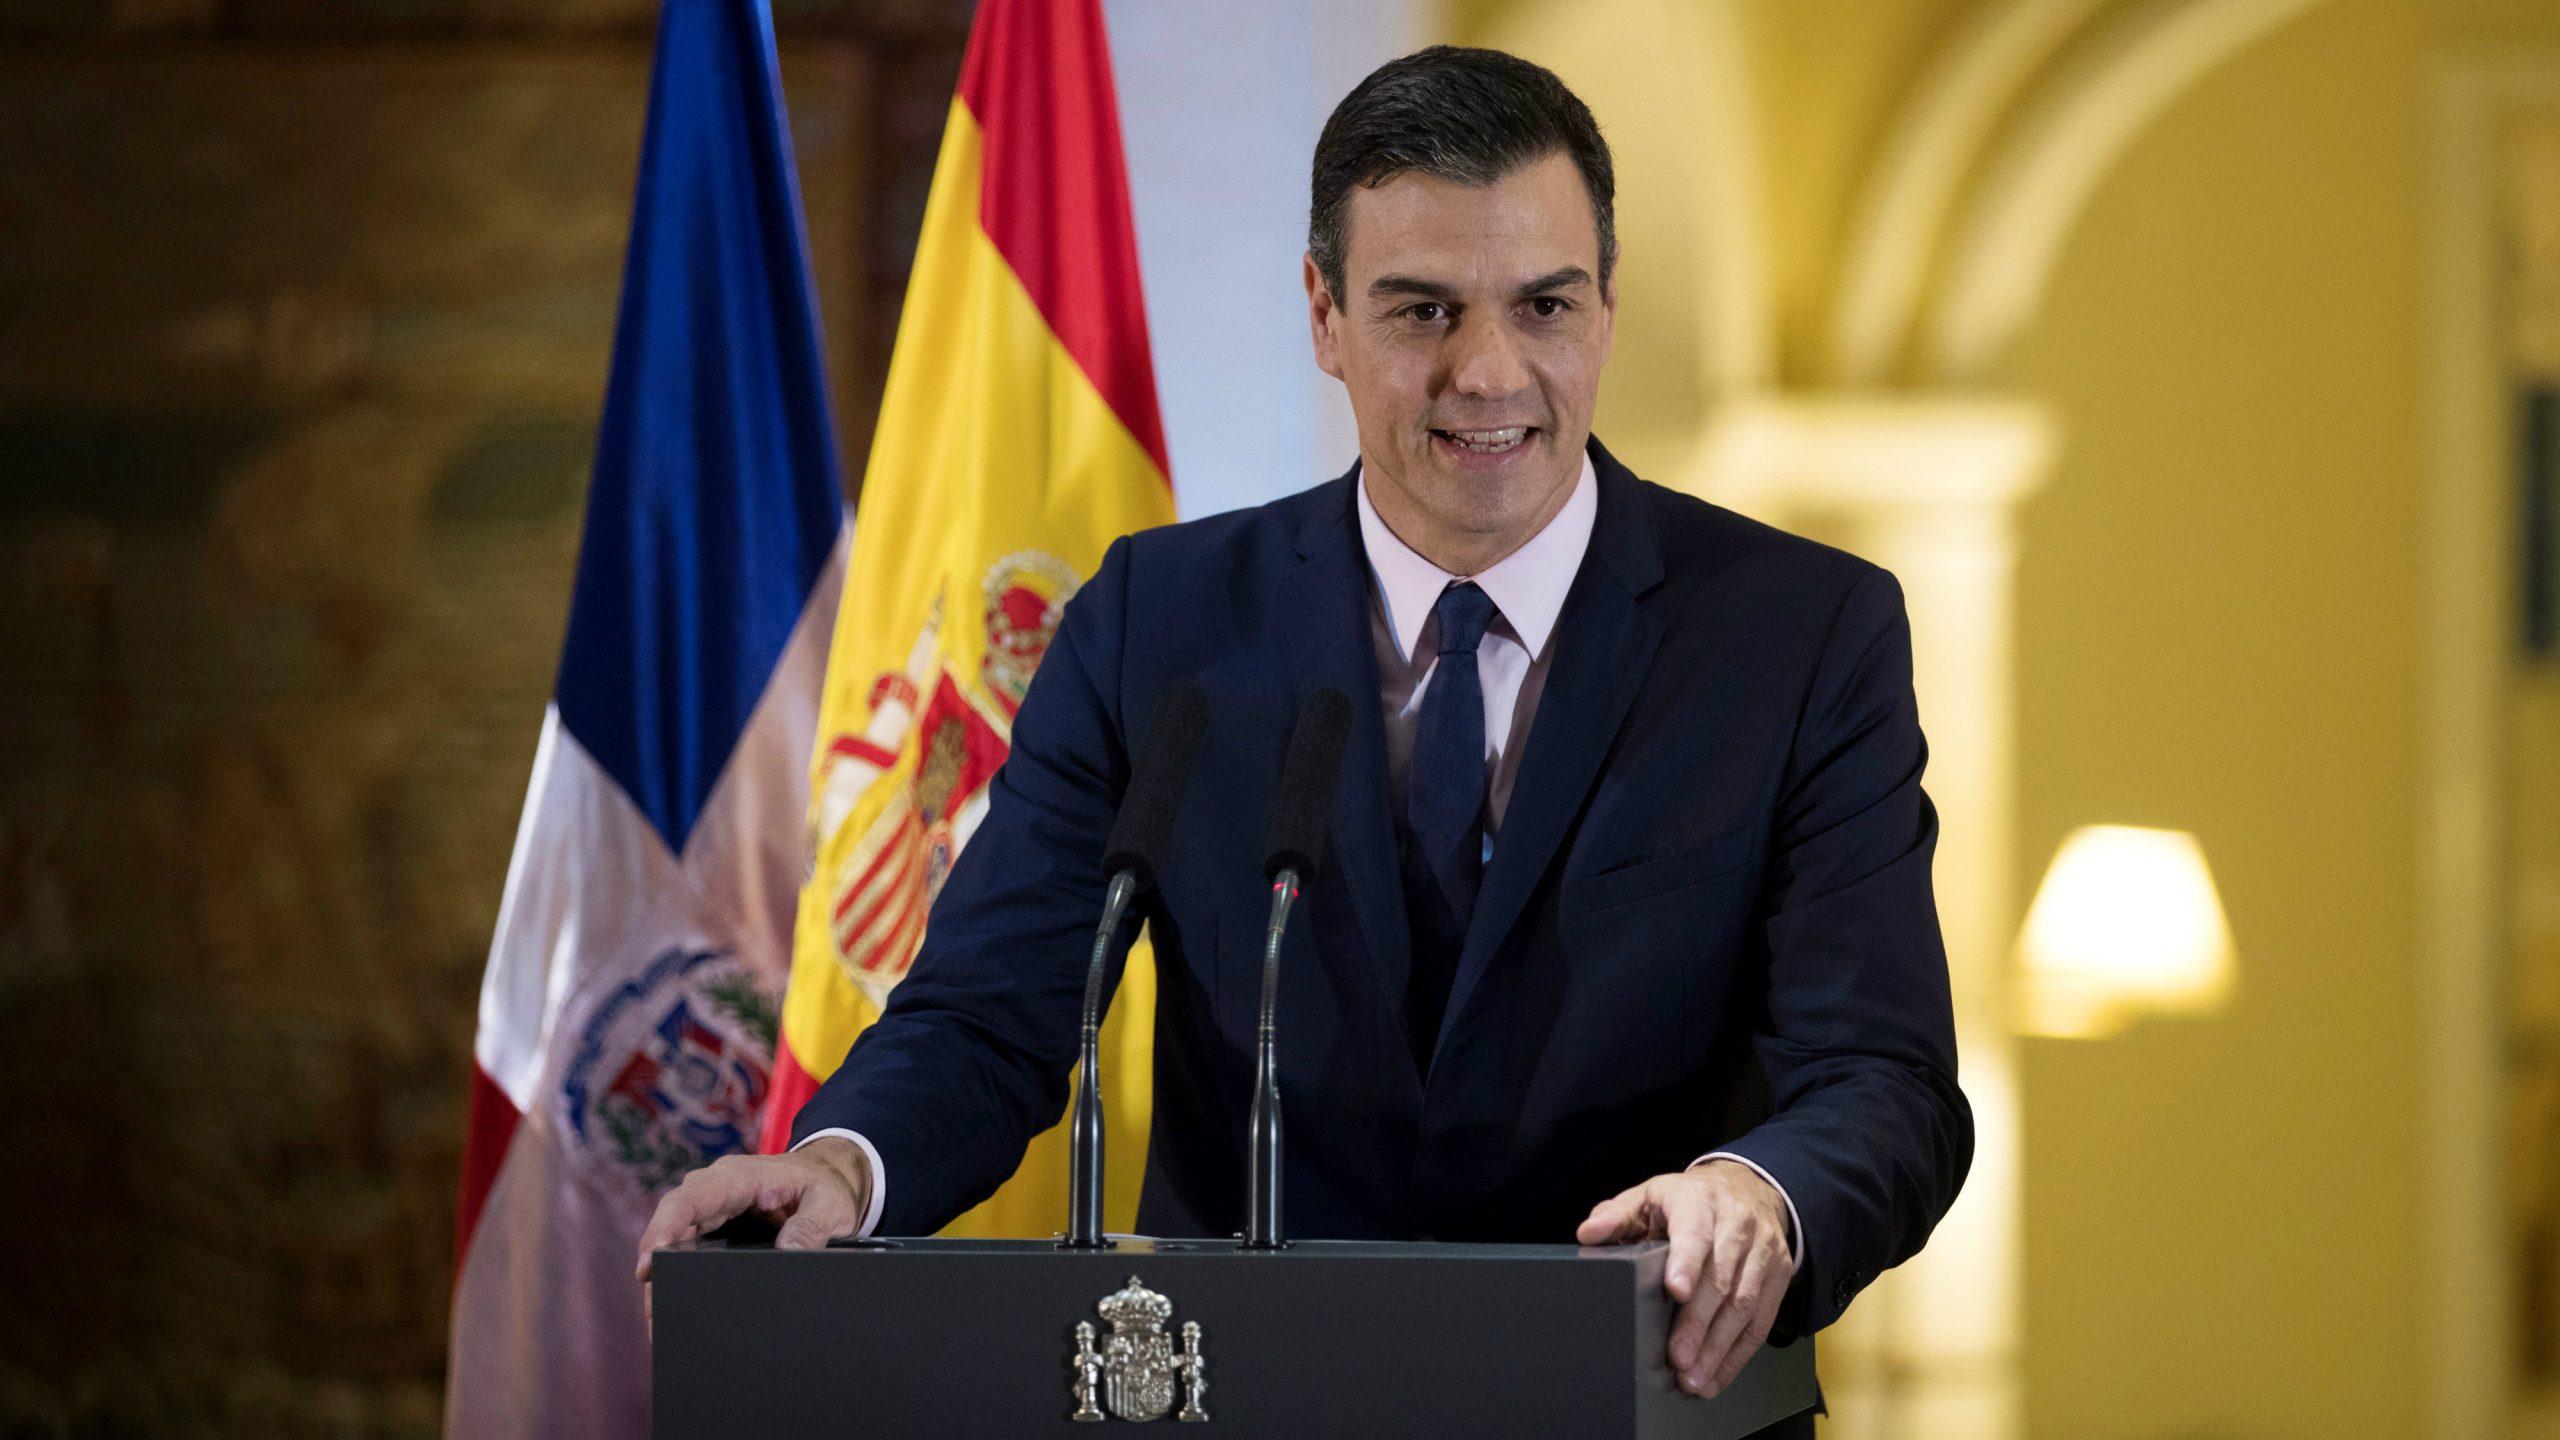 Španski parlament nije usvojio budžet, vanredni izbori na pomolu 1